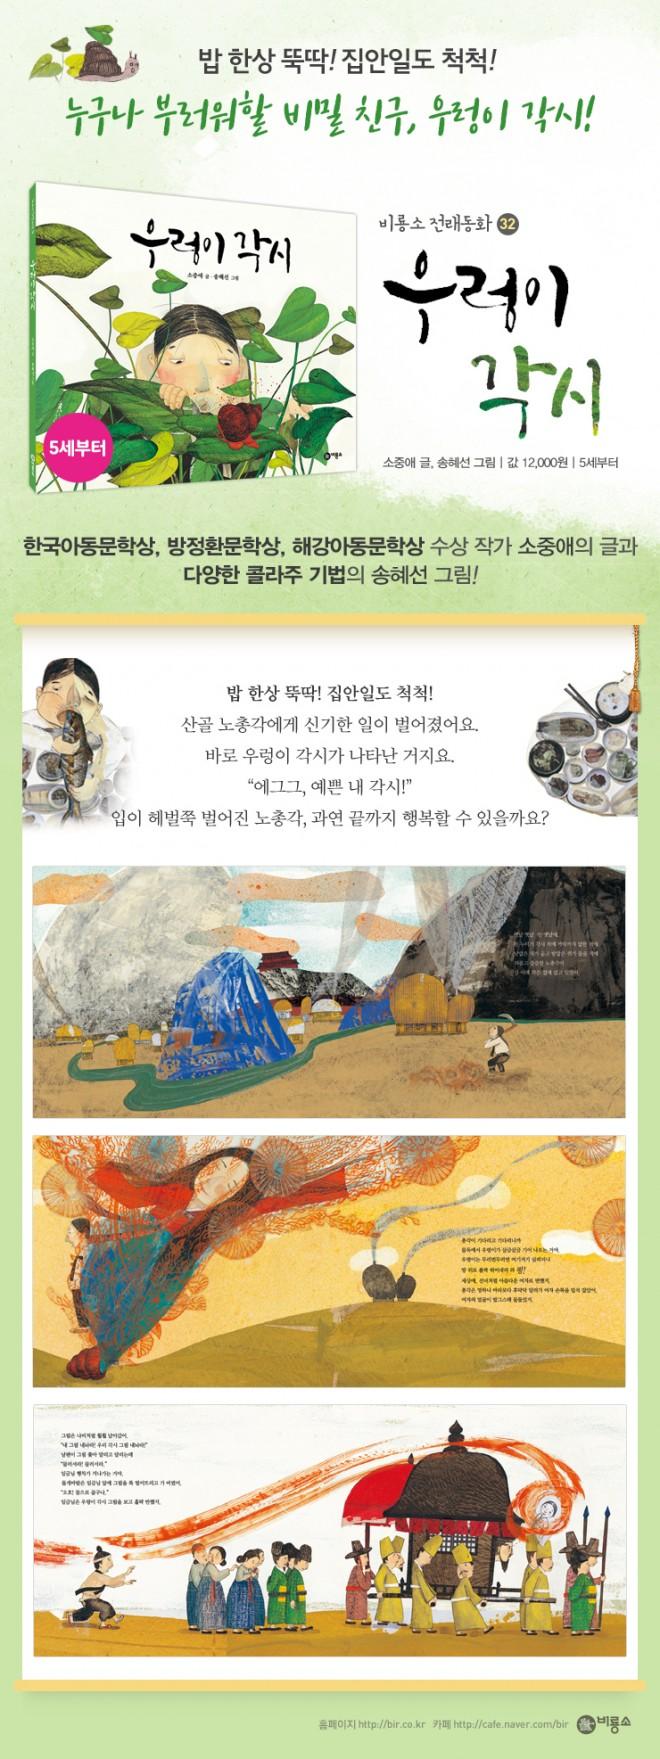 비룡소전래동화_32